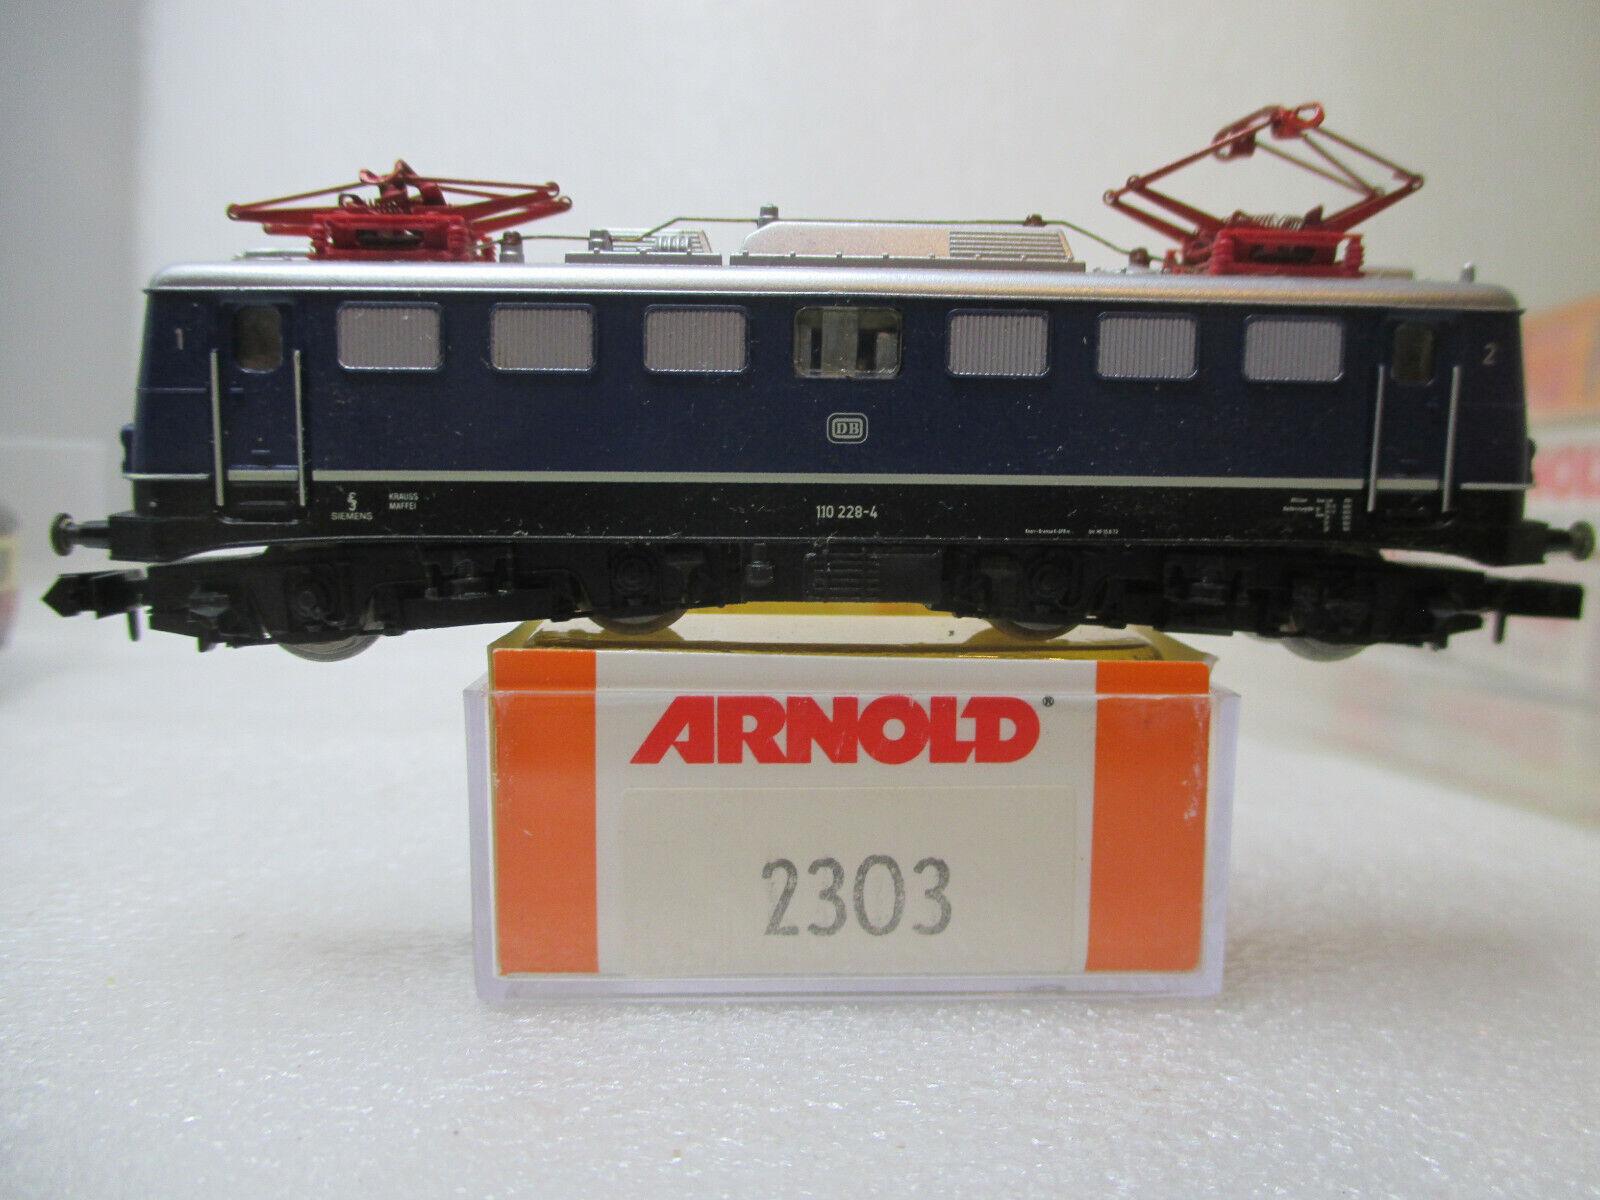 Arnold 2303 Spur N Elektrolok 110 228-4 delle DB Blu in scatola originale con istruzioni